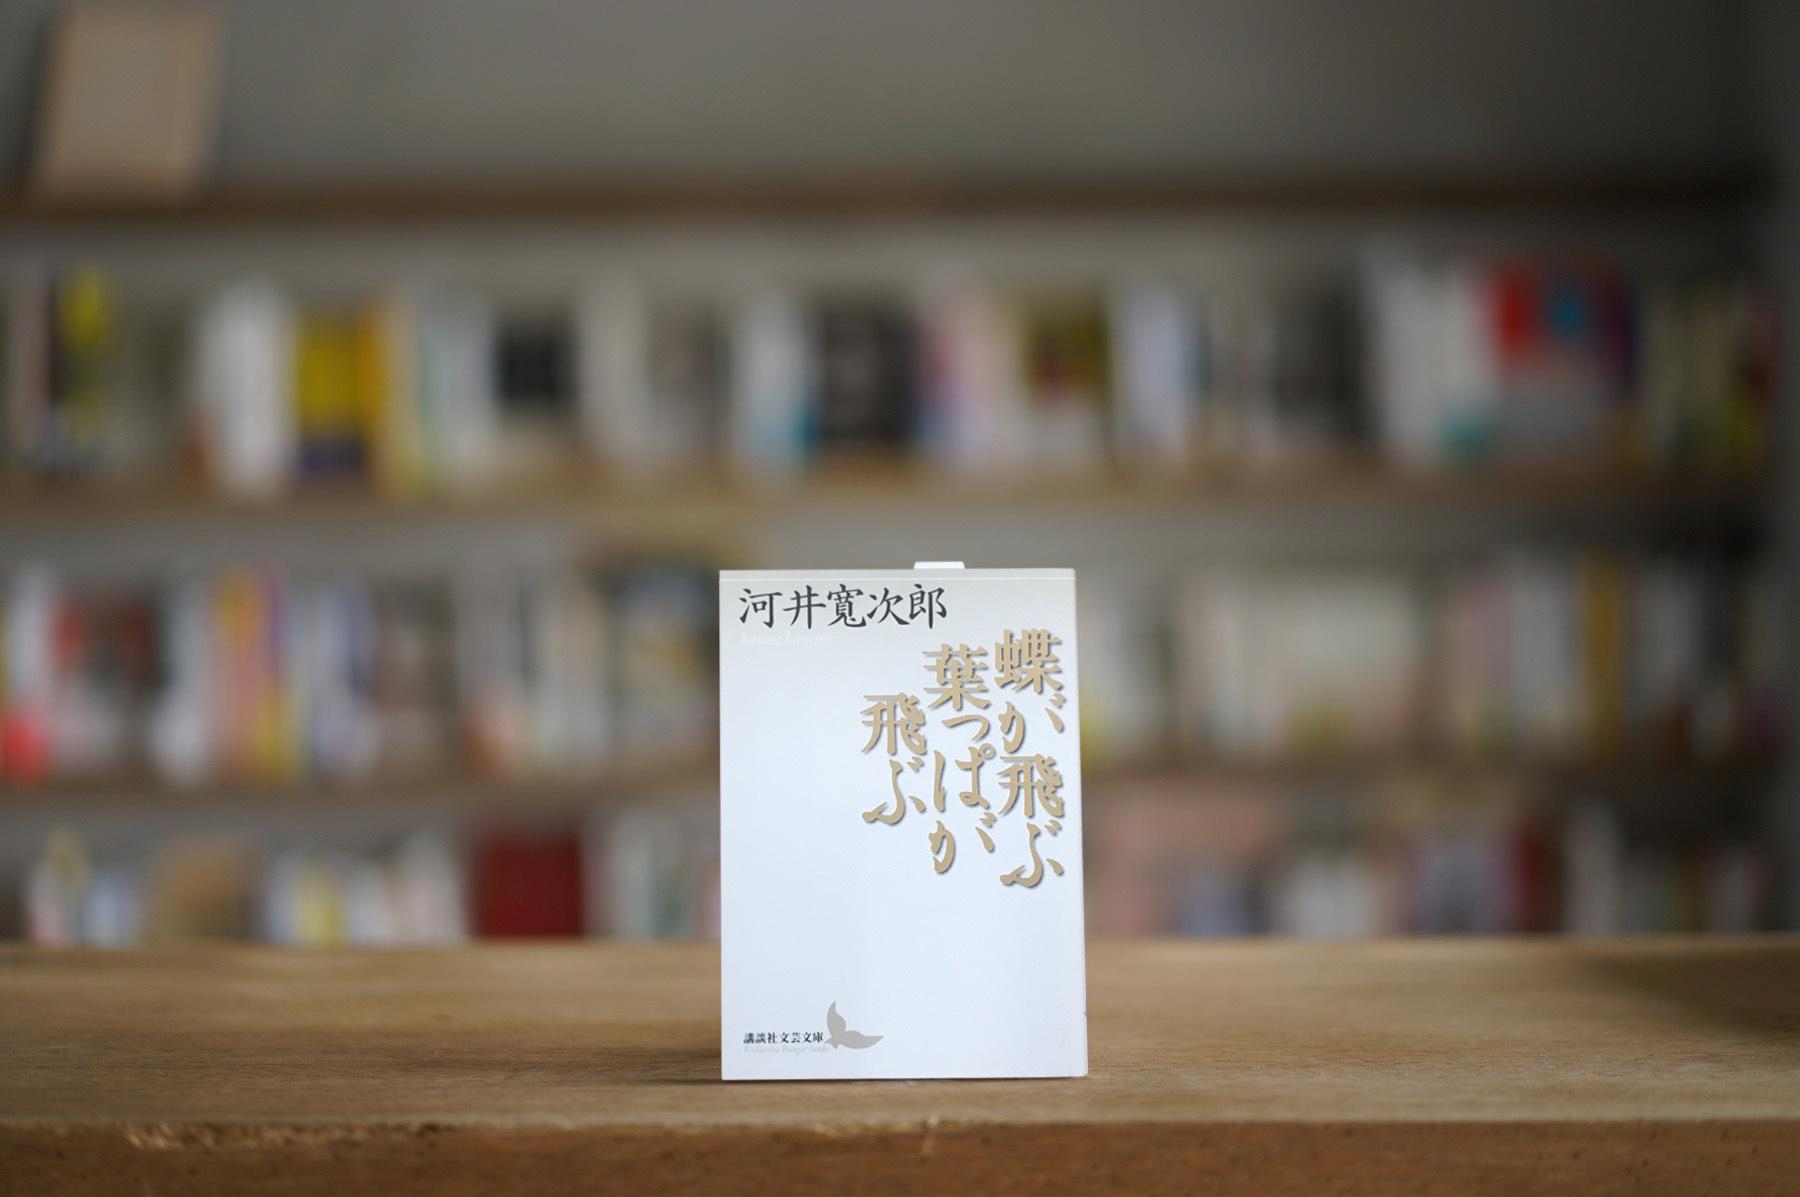 河井寛次郎 『蝶が飛ぶ葉っぱが飛ぶ』 (講談社、2006)